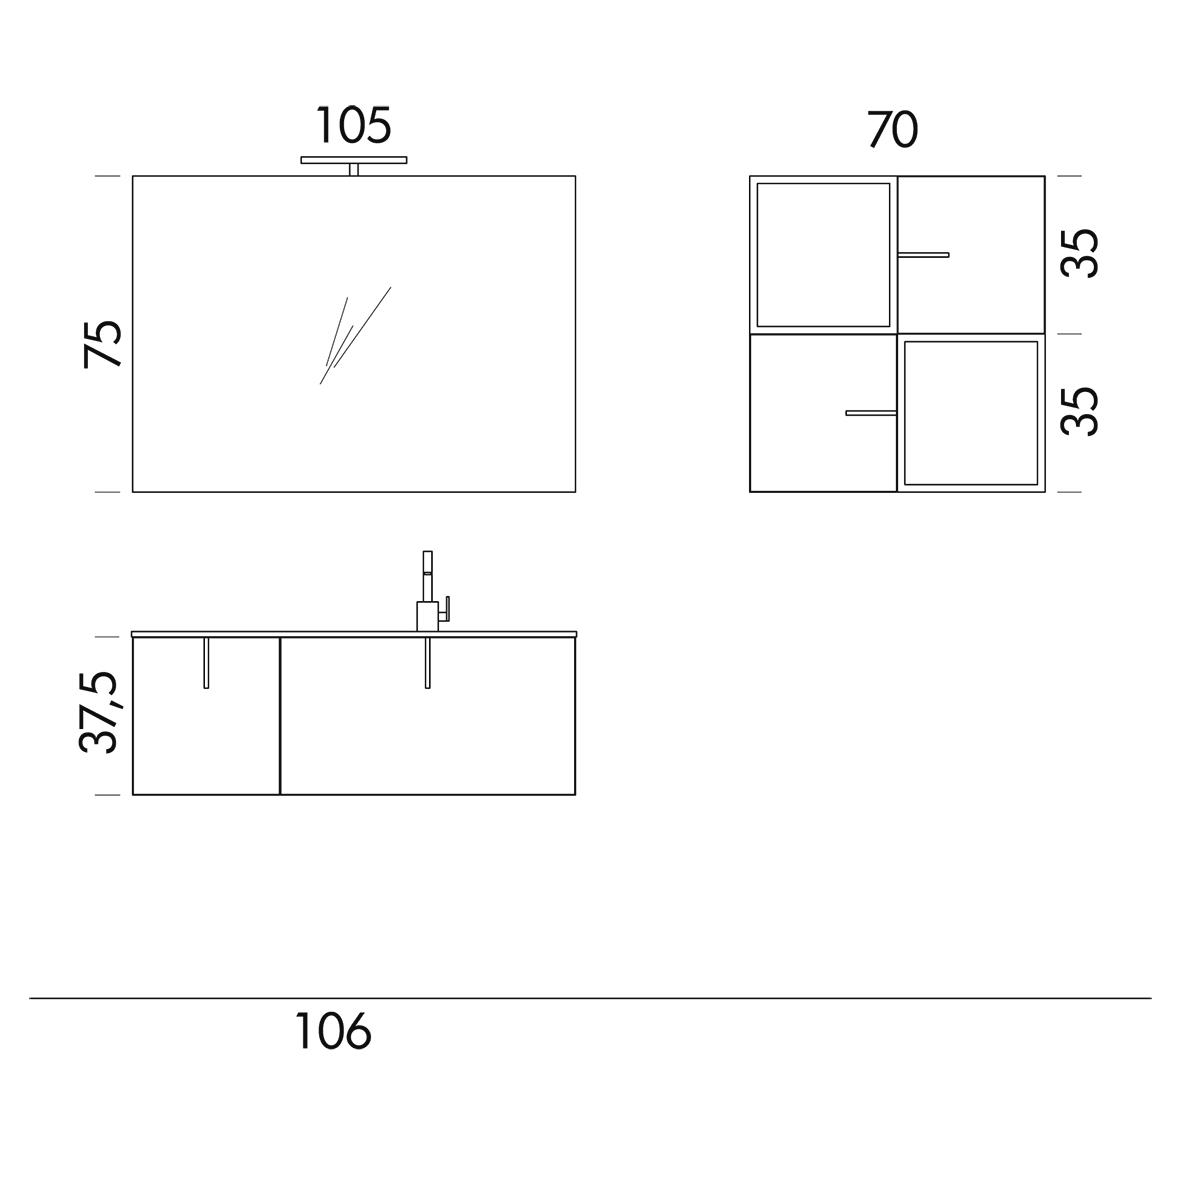 b201 69 life - mobile arredo bagno design l 105,5+70 x p 51,5/20,8 ... - Misure Arredo Bagno